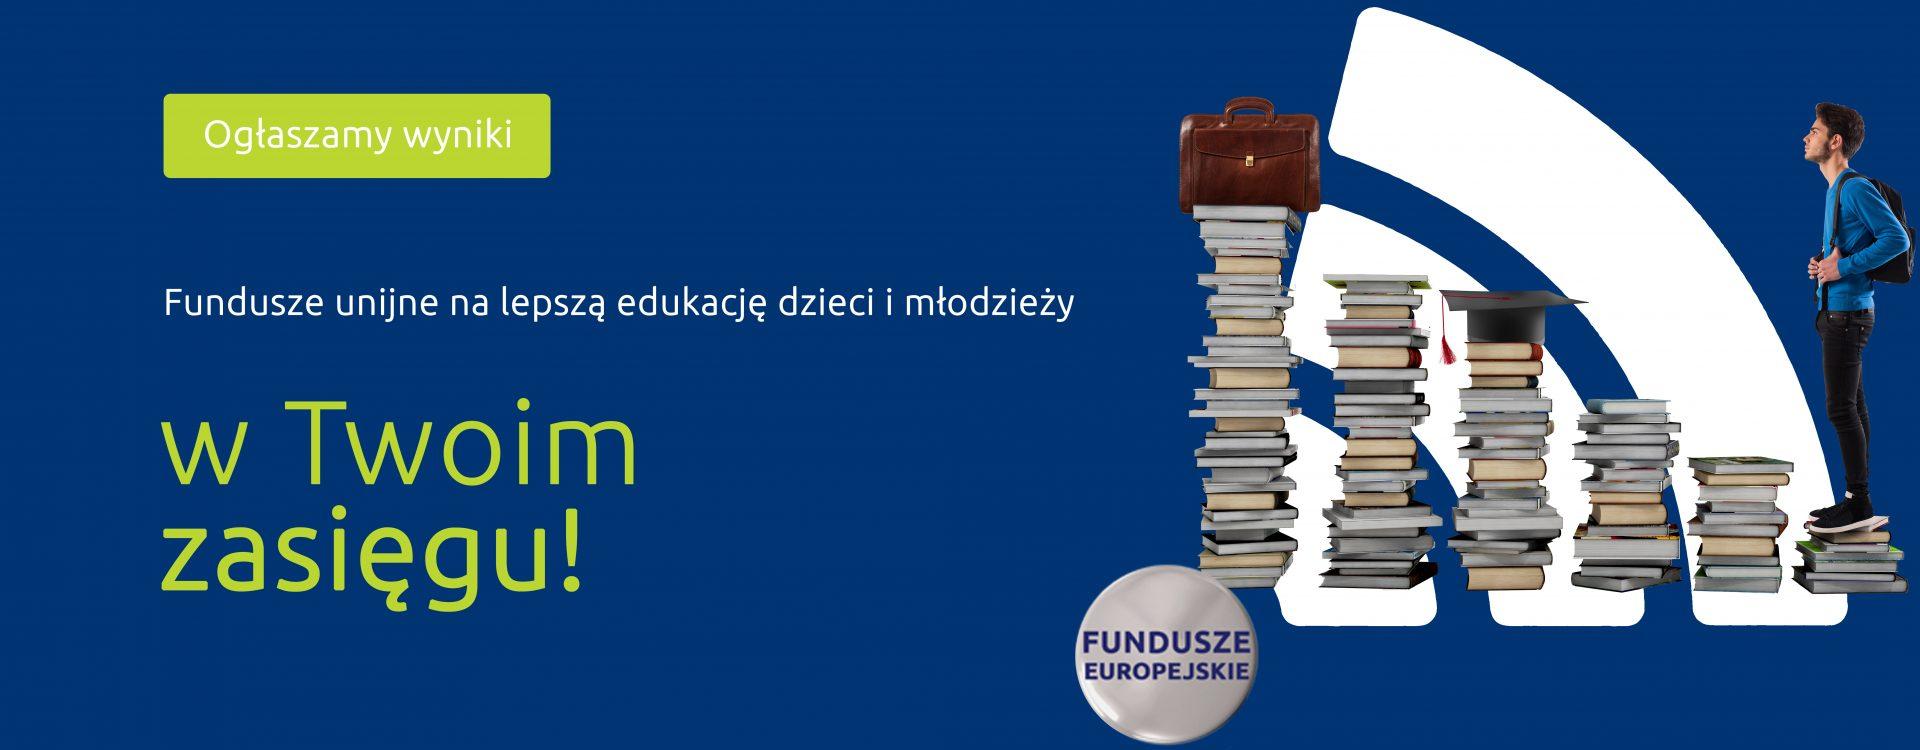 Jeszcze lepsza oferta edukacyjna mazowieckich szkół – ogłaszamy wyniki konkursu